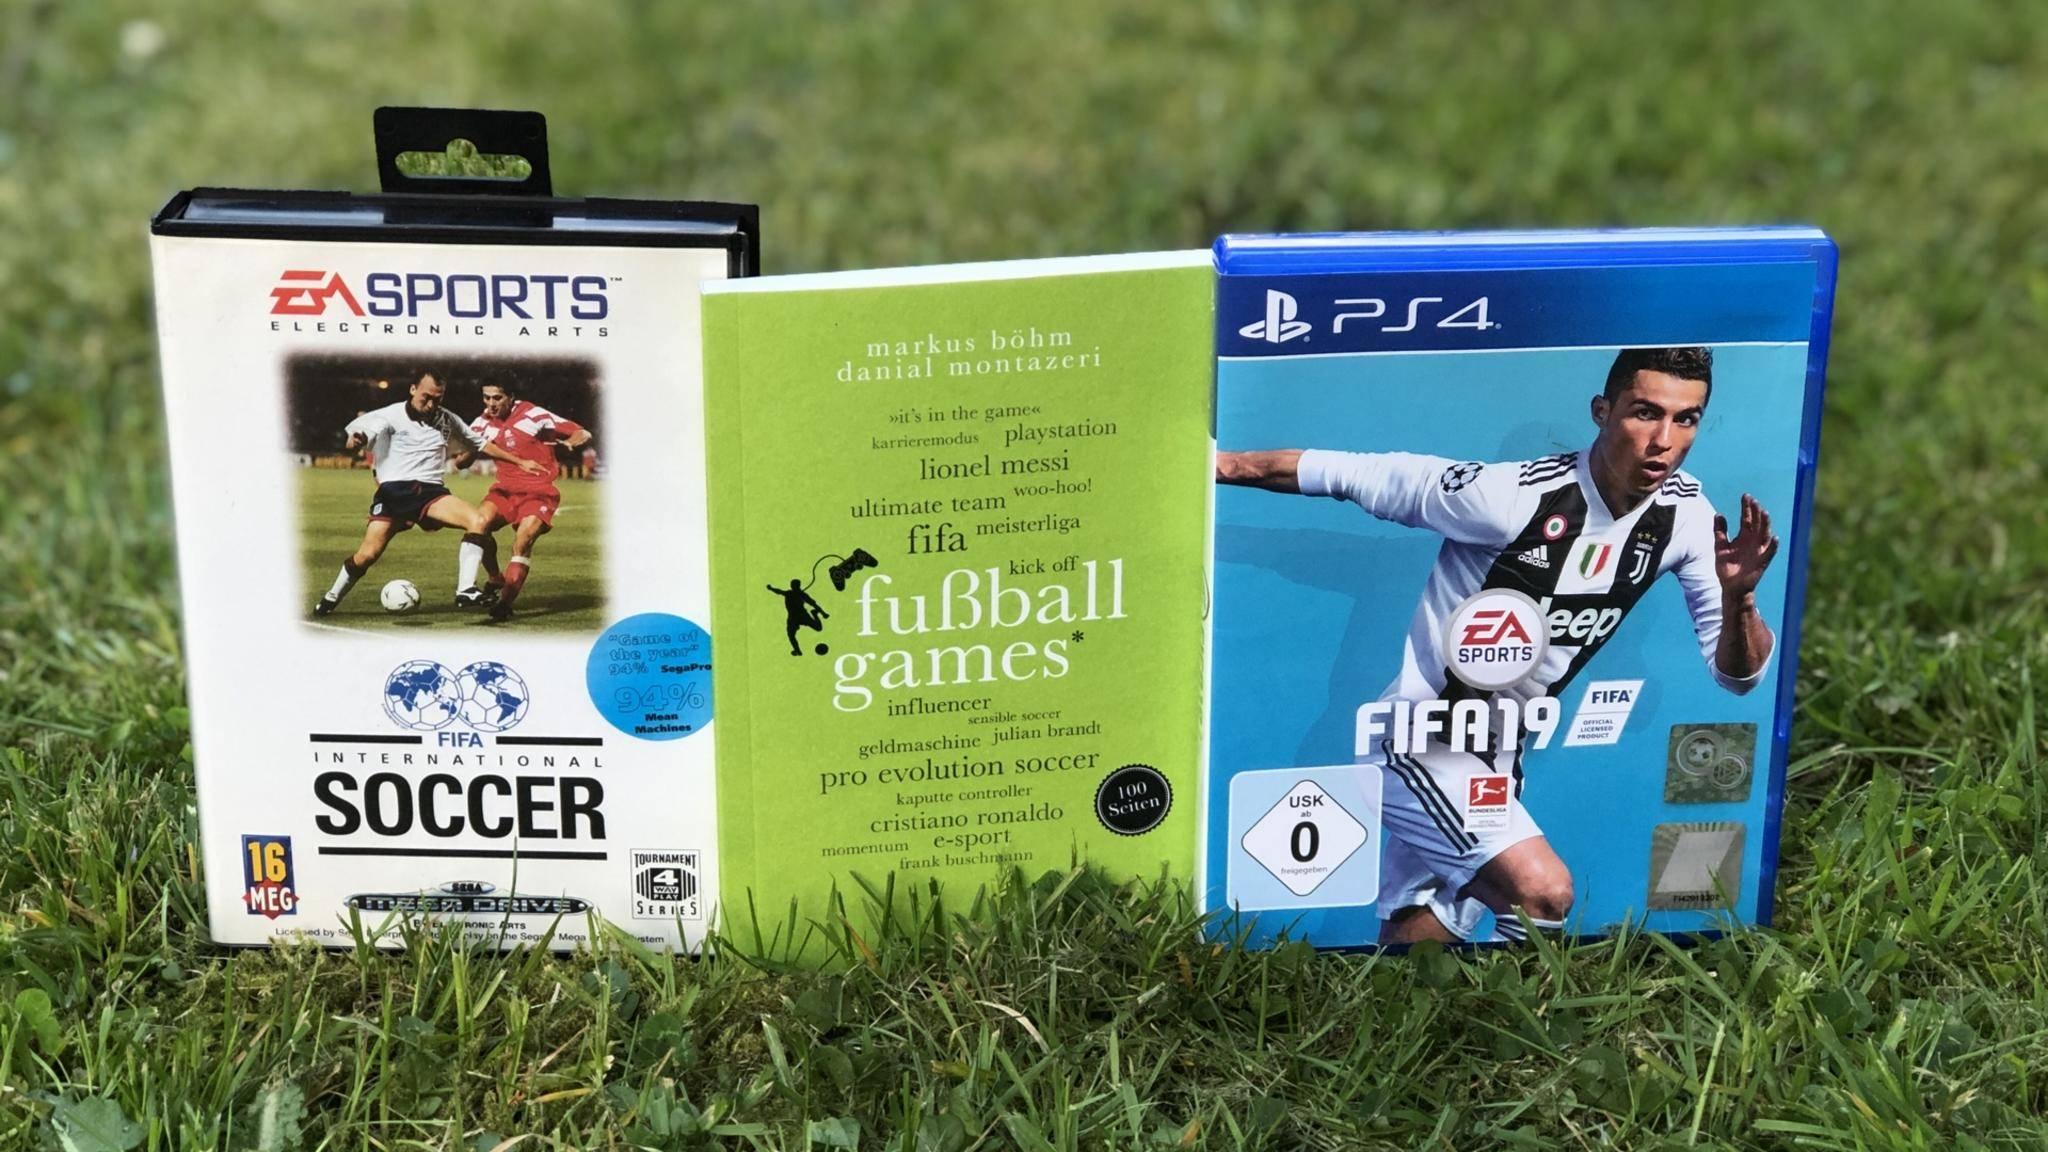 fifa-mega-drive-fußballgames-fifa-19-ps4